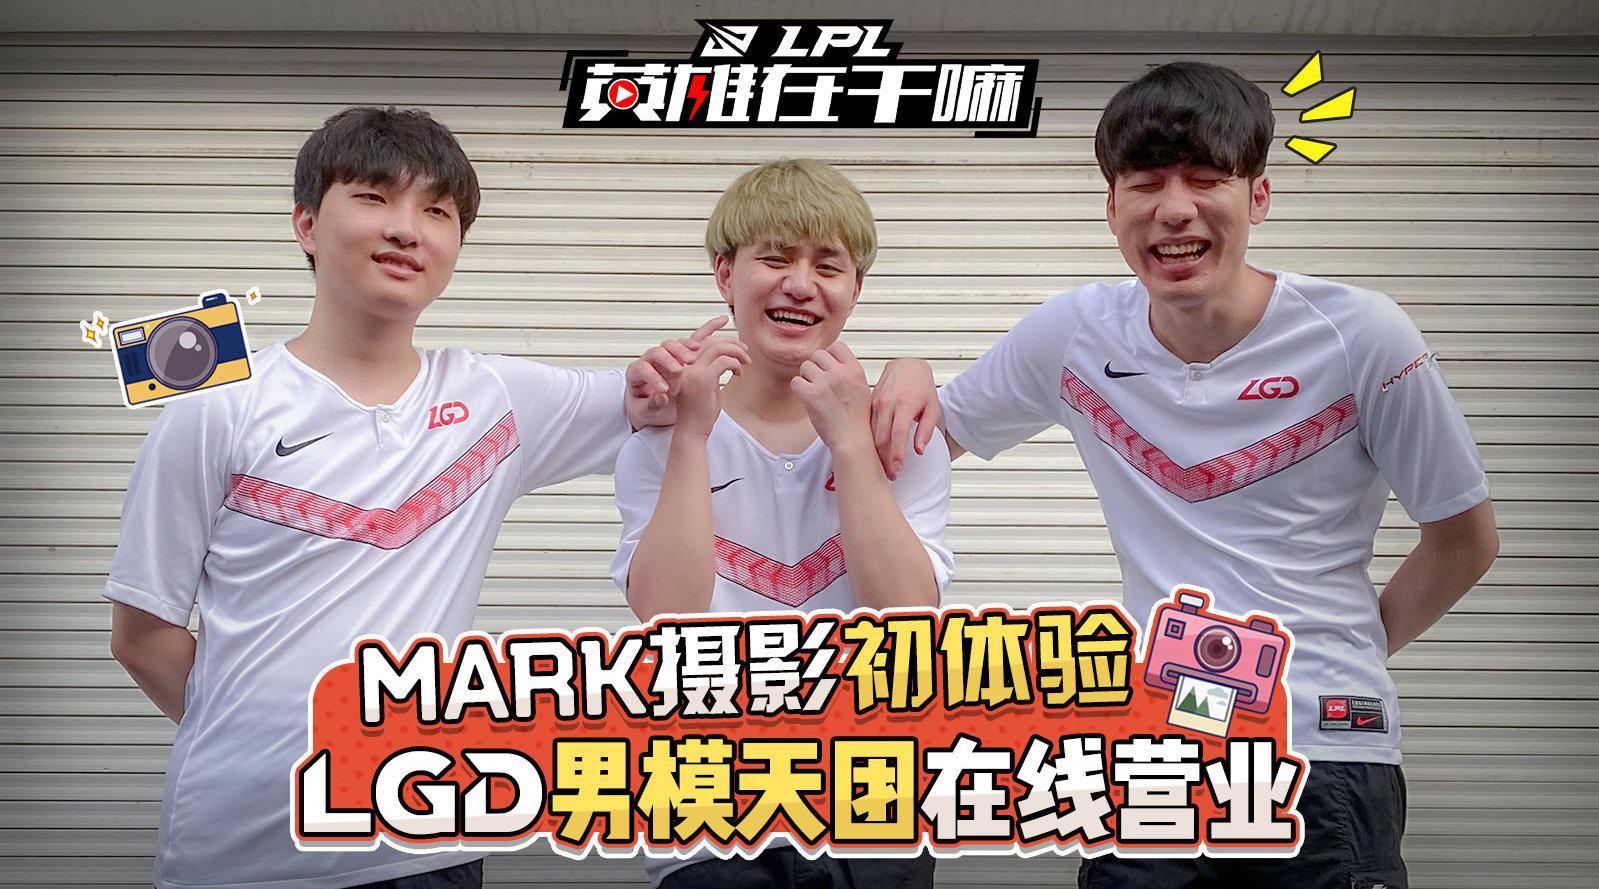 英雄在干嘛:LGD.Mark摄影初体验 本期主角Mark摄影初体验……